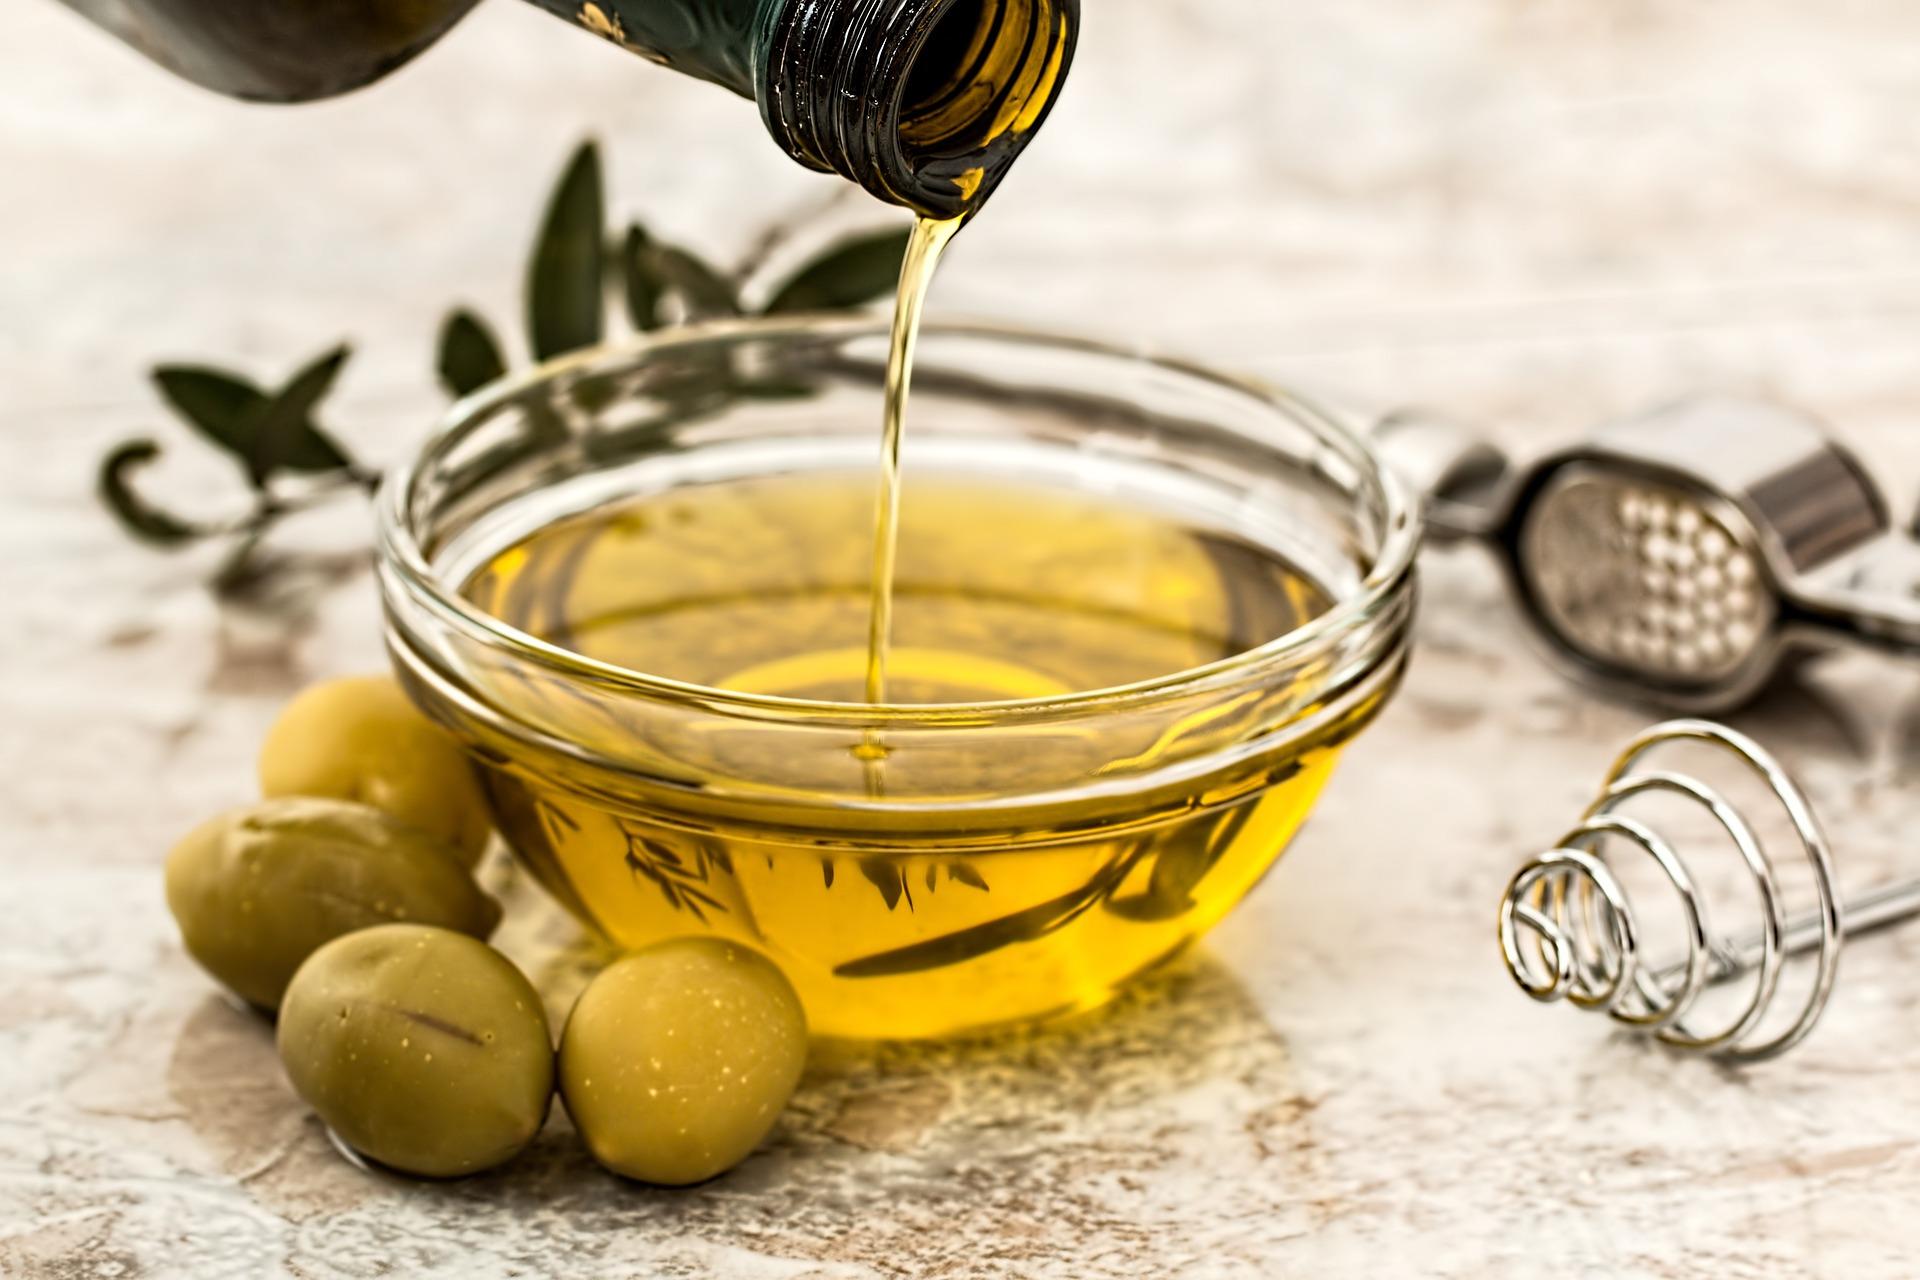 Qualität, Produktion, Gesundheit - Was macht gutes Olivenöl aus?